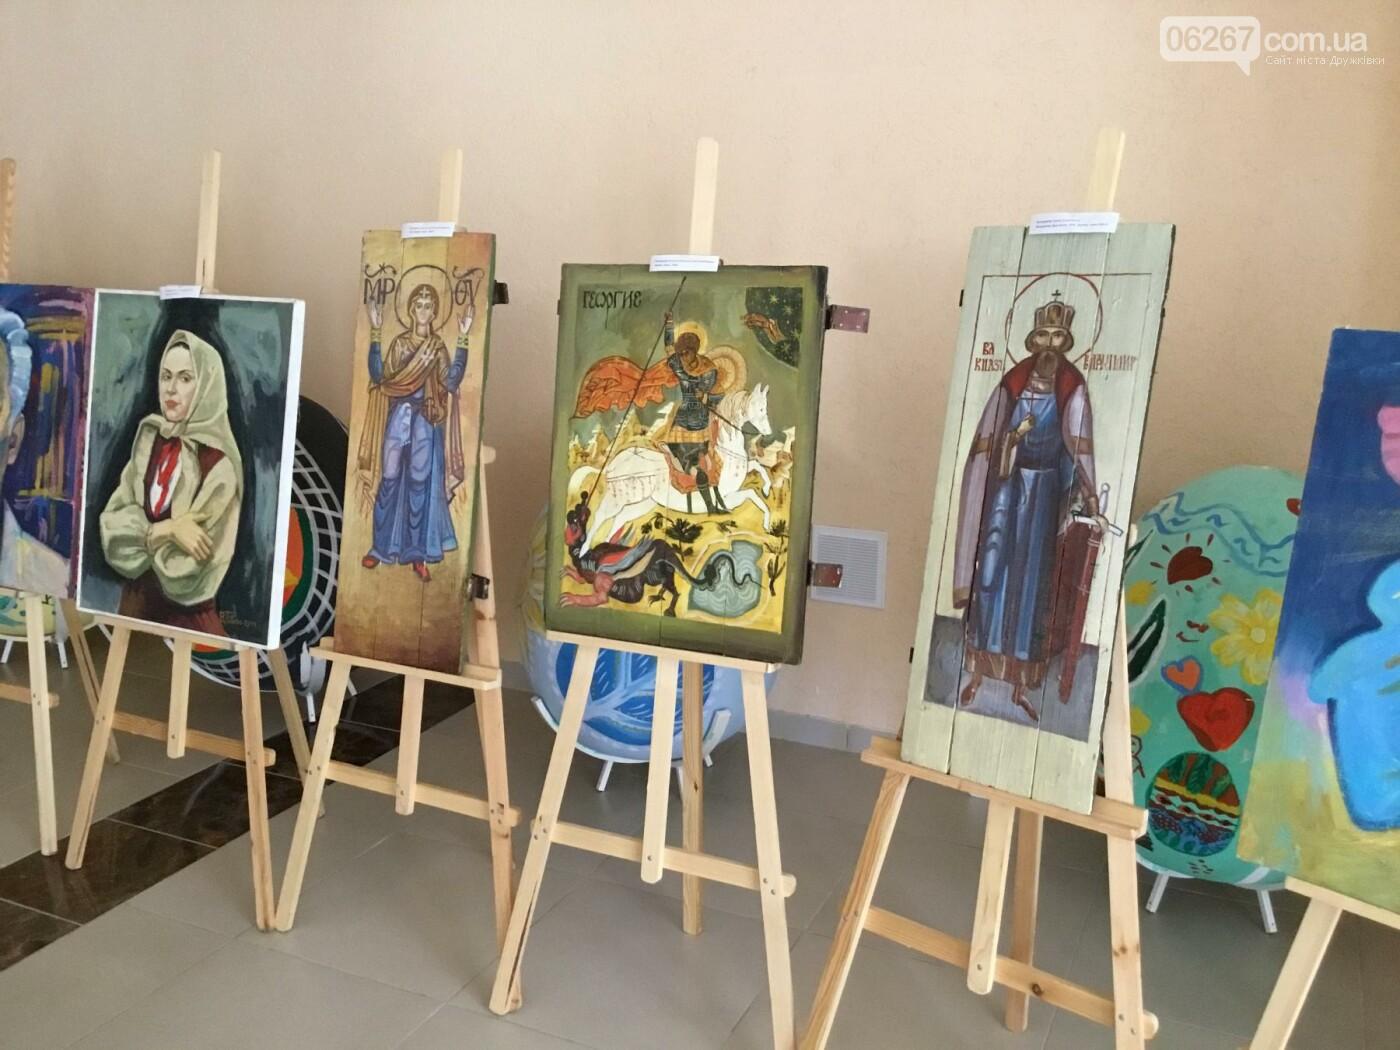 Праздник Независимости в Дружковке отметили выставкой картин и изделий народного творчества (ФОТО, ВИДЕО), фото-5